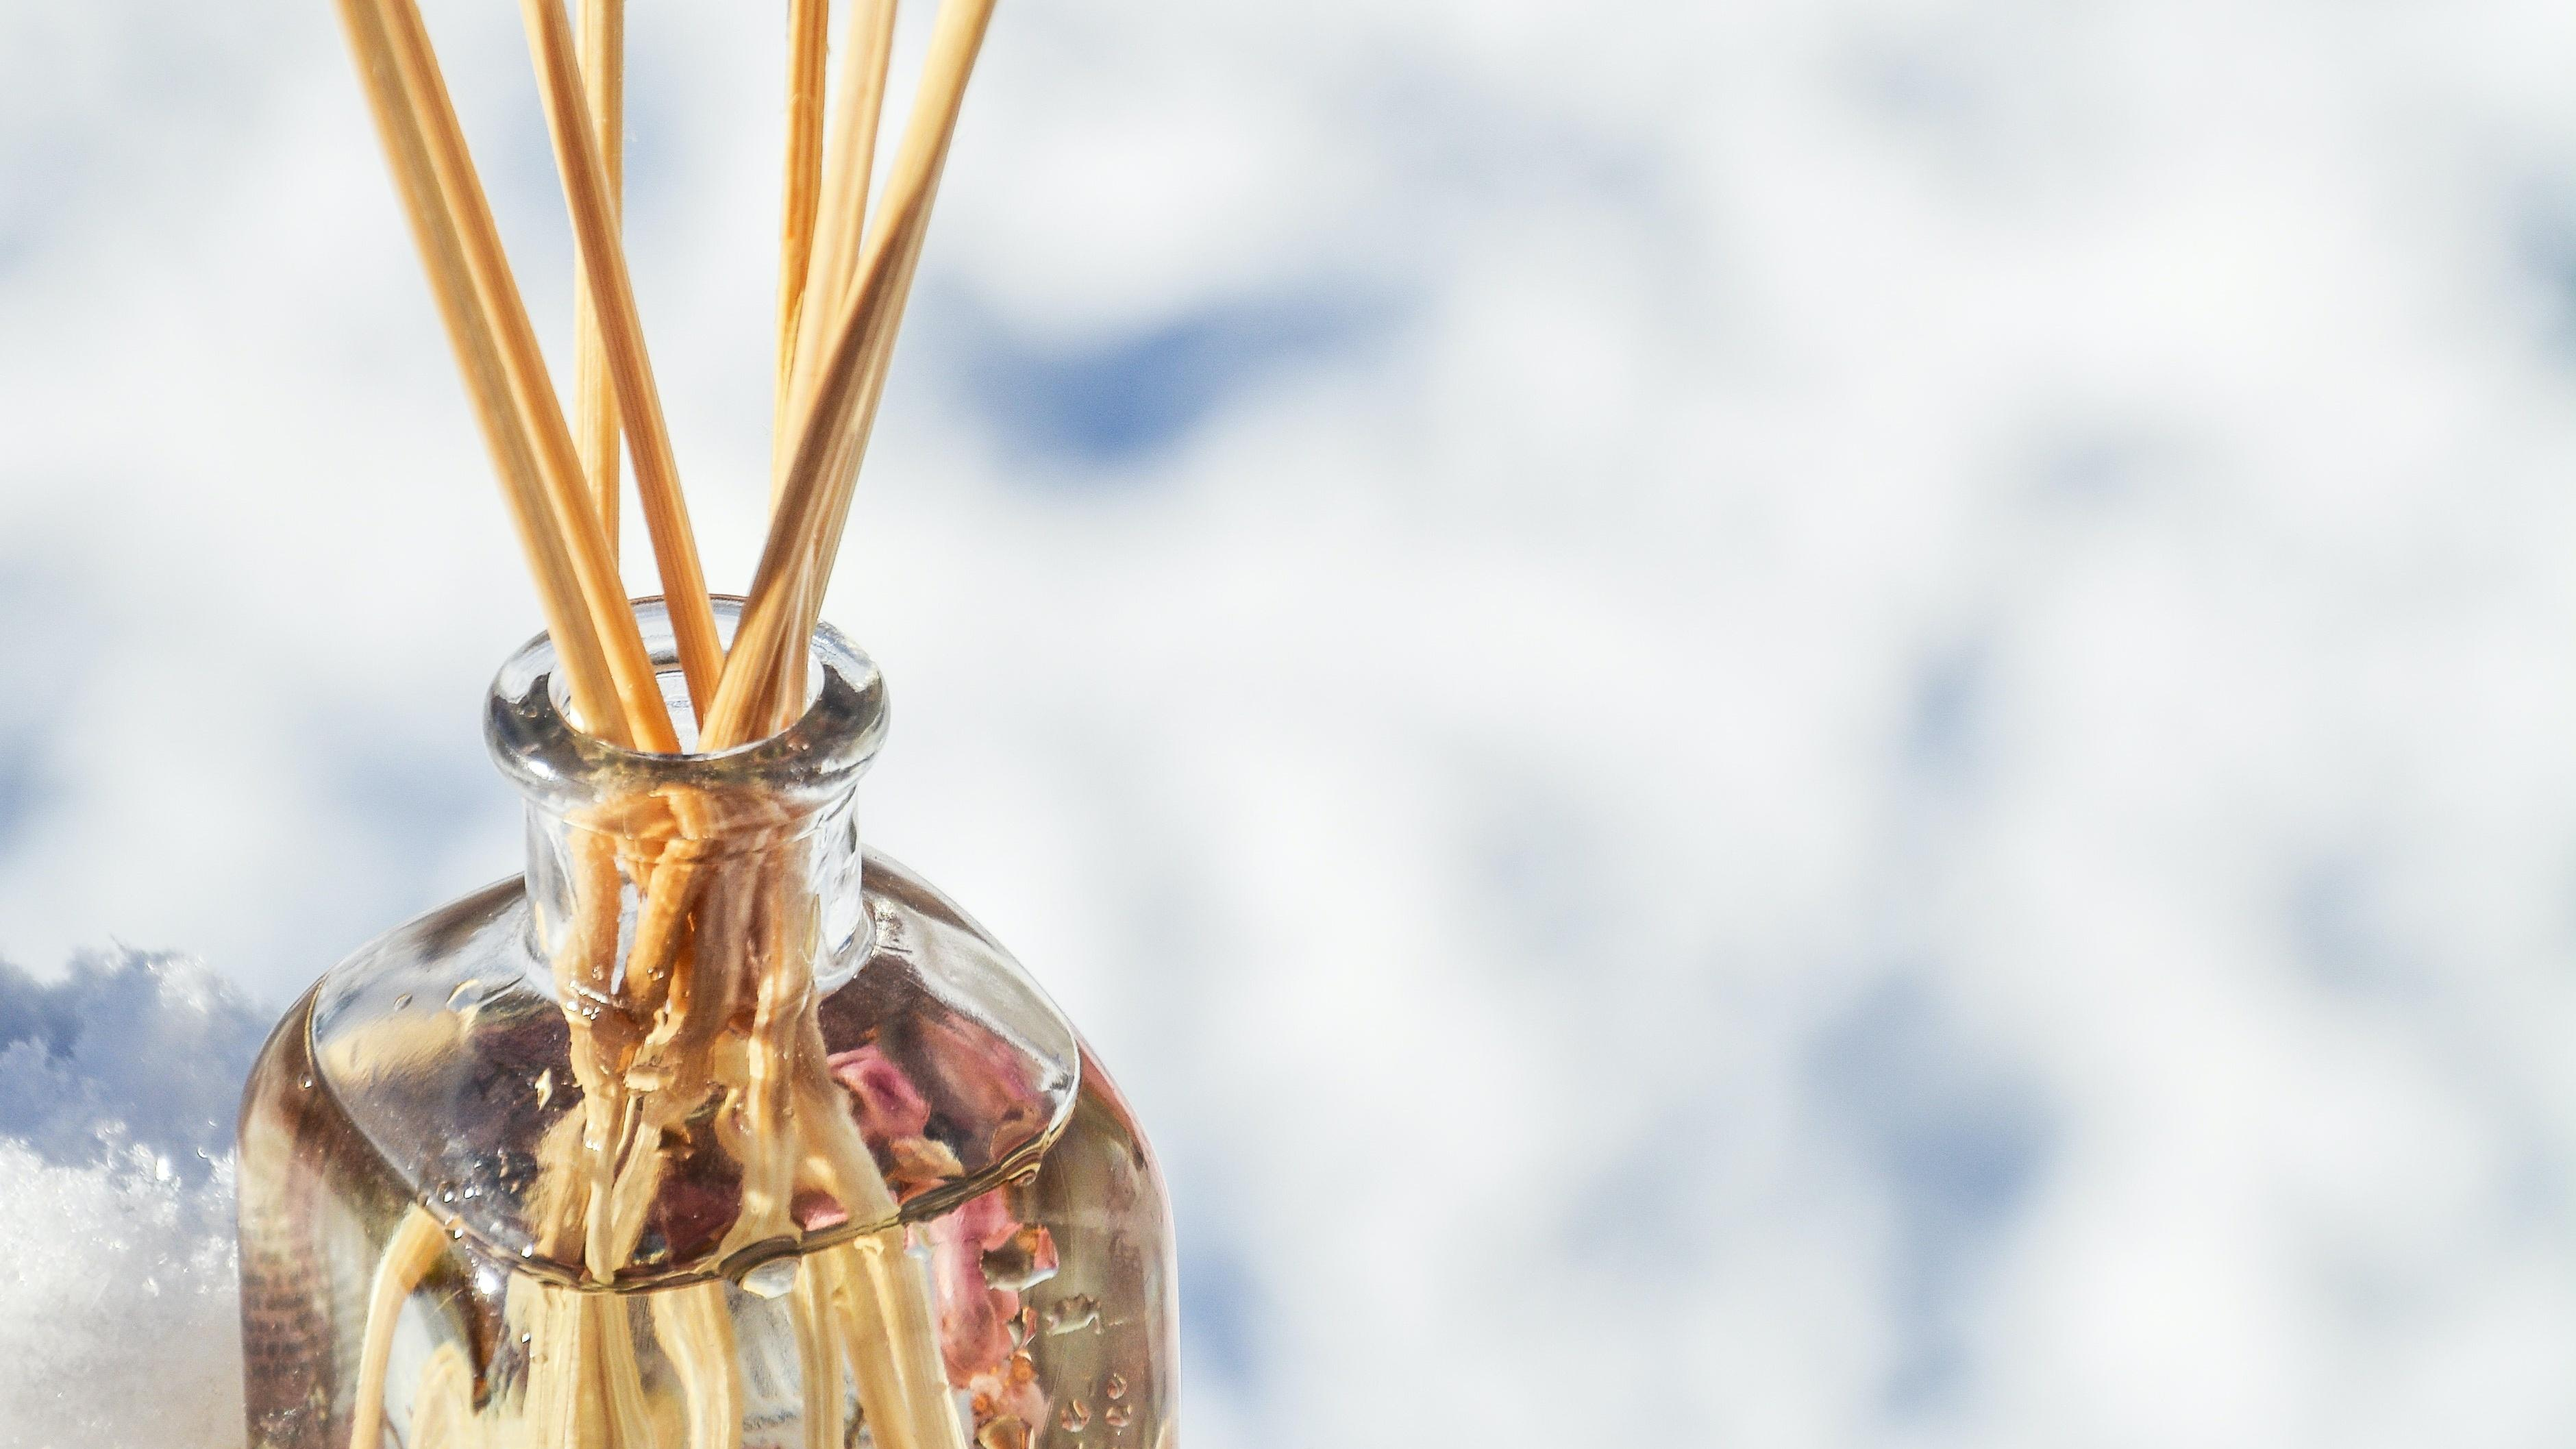 Duftstäbchen selber machen: Eine einfache Anleitung